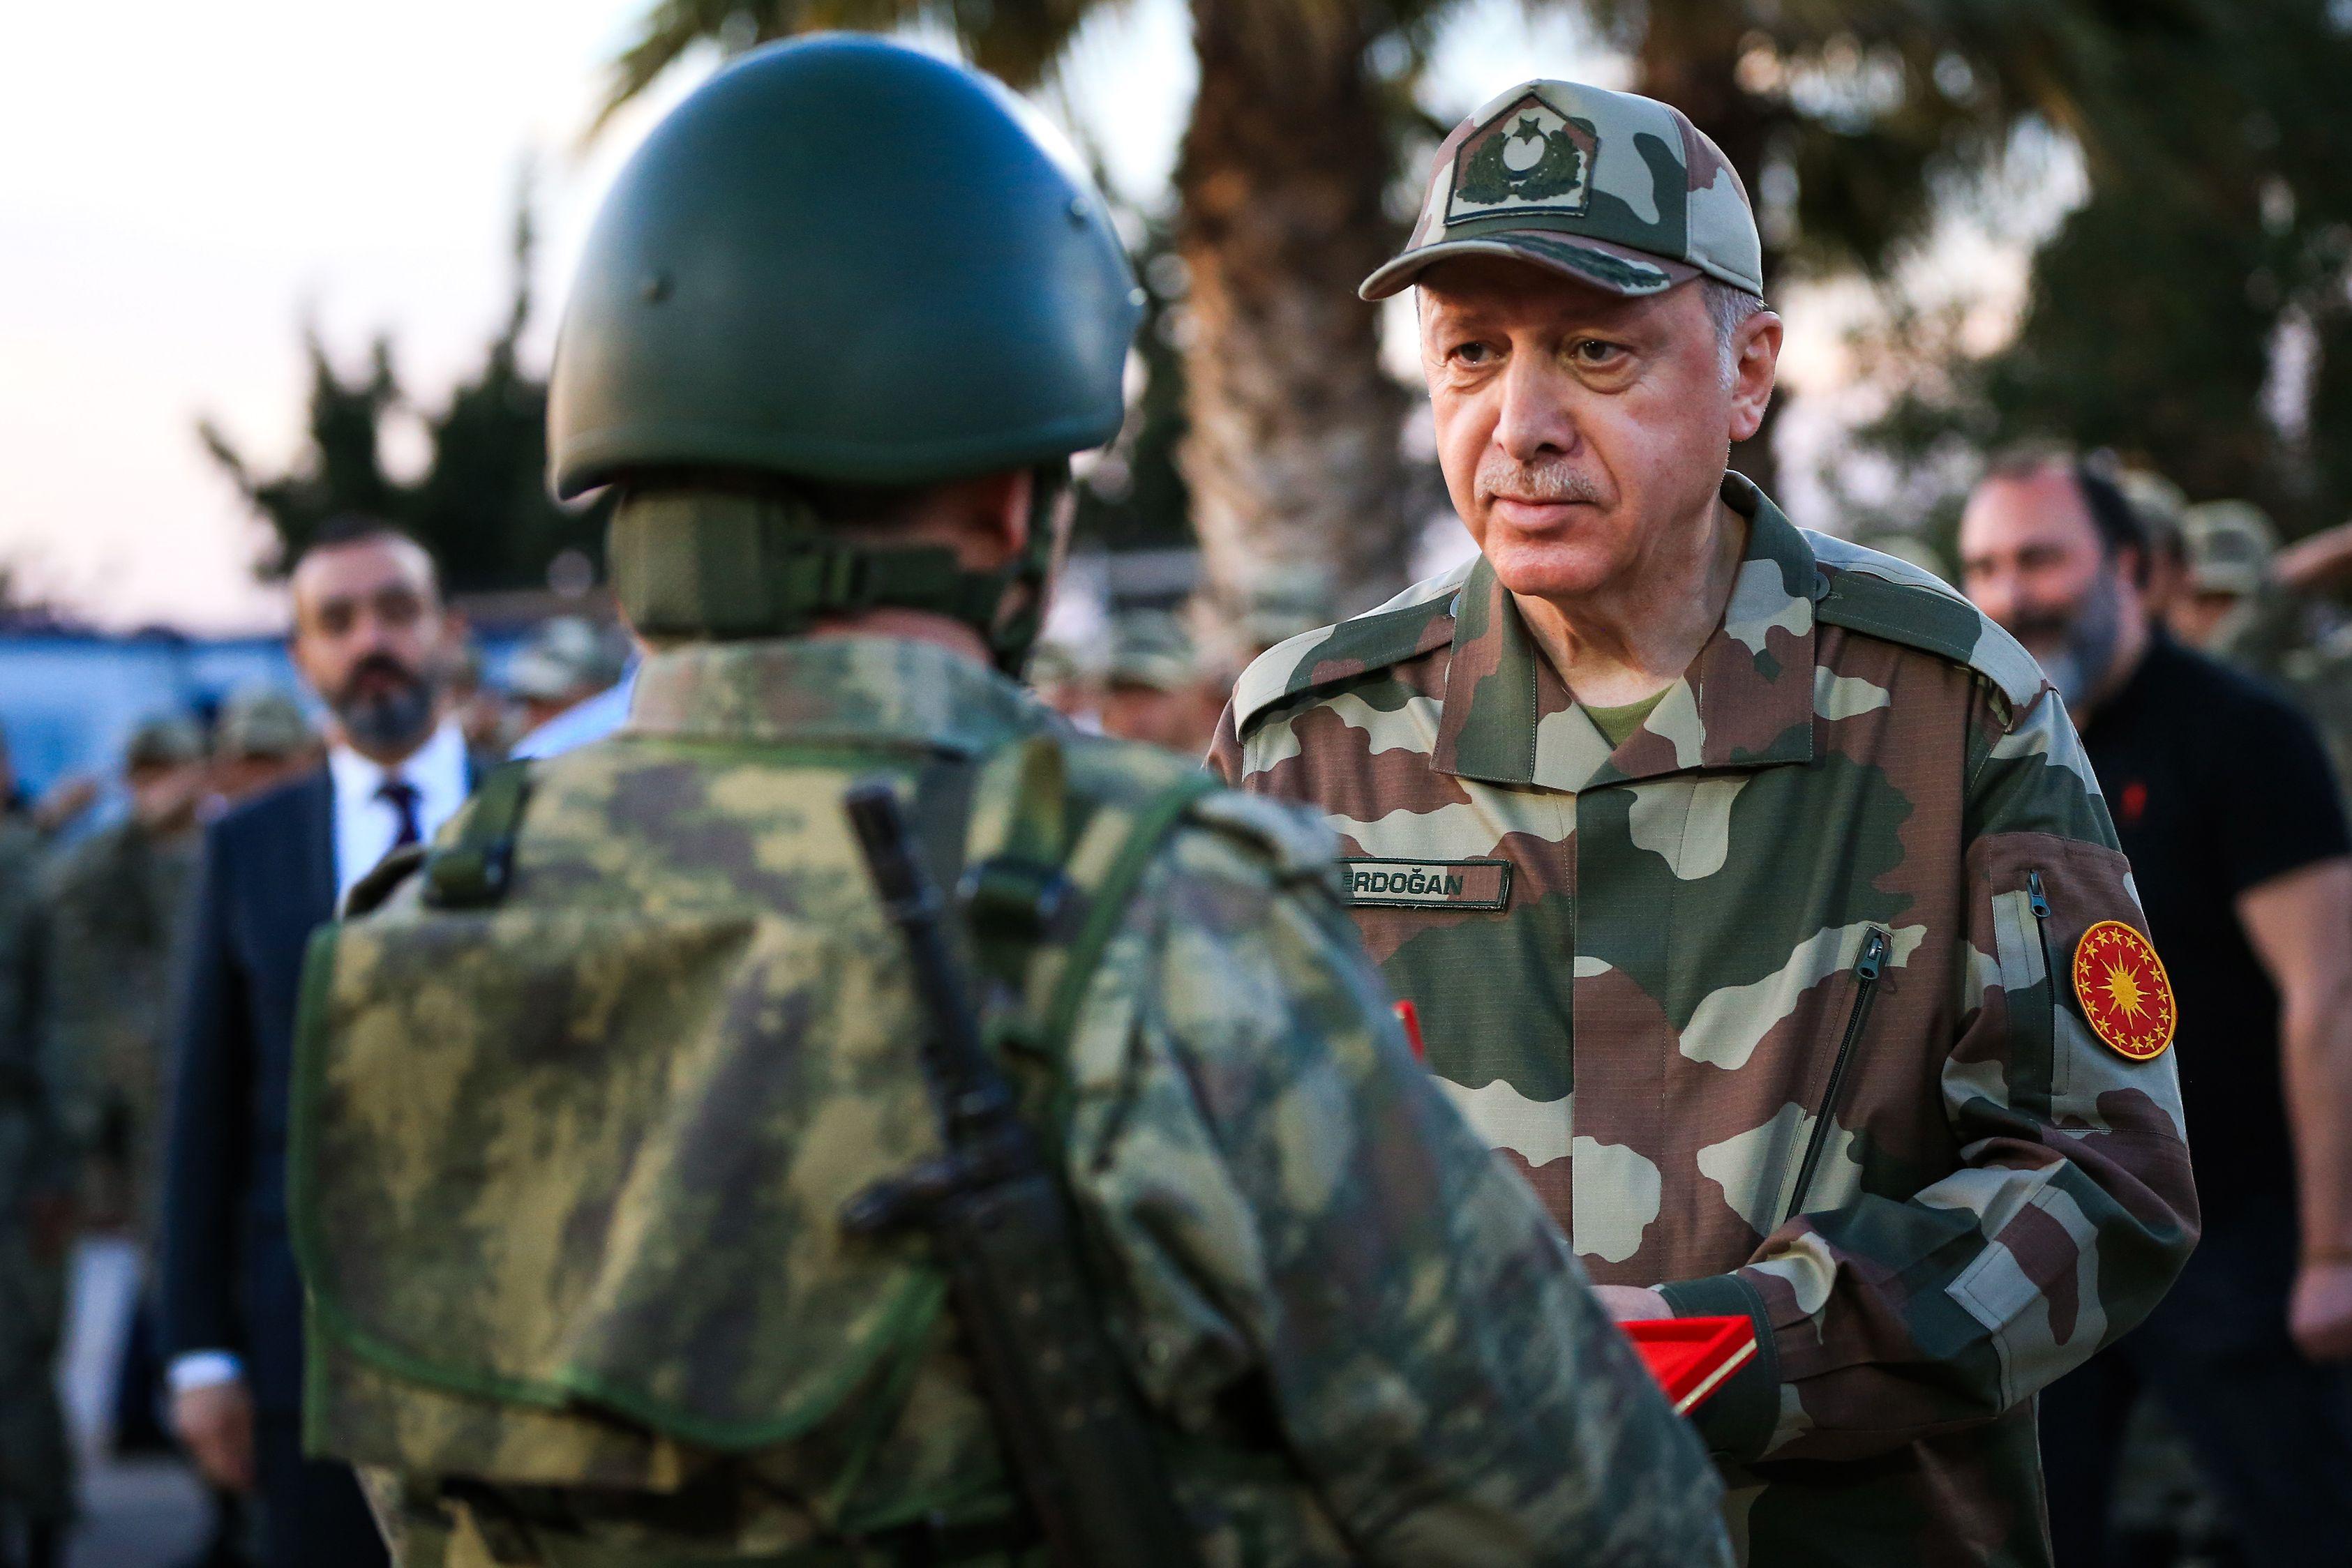 أردوغان يصافح أحد الجنود